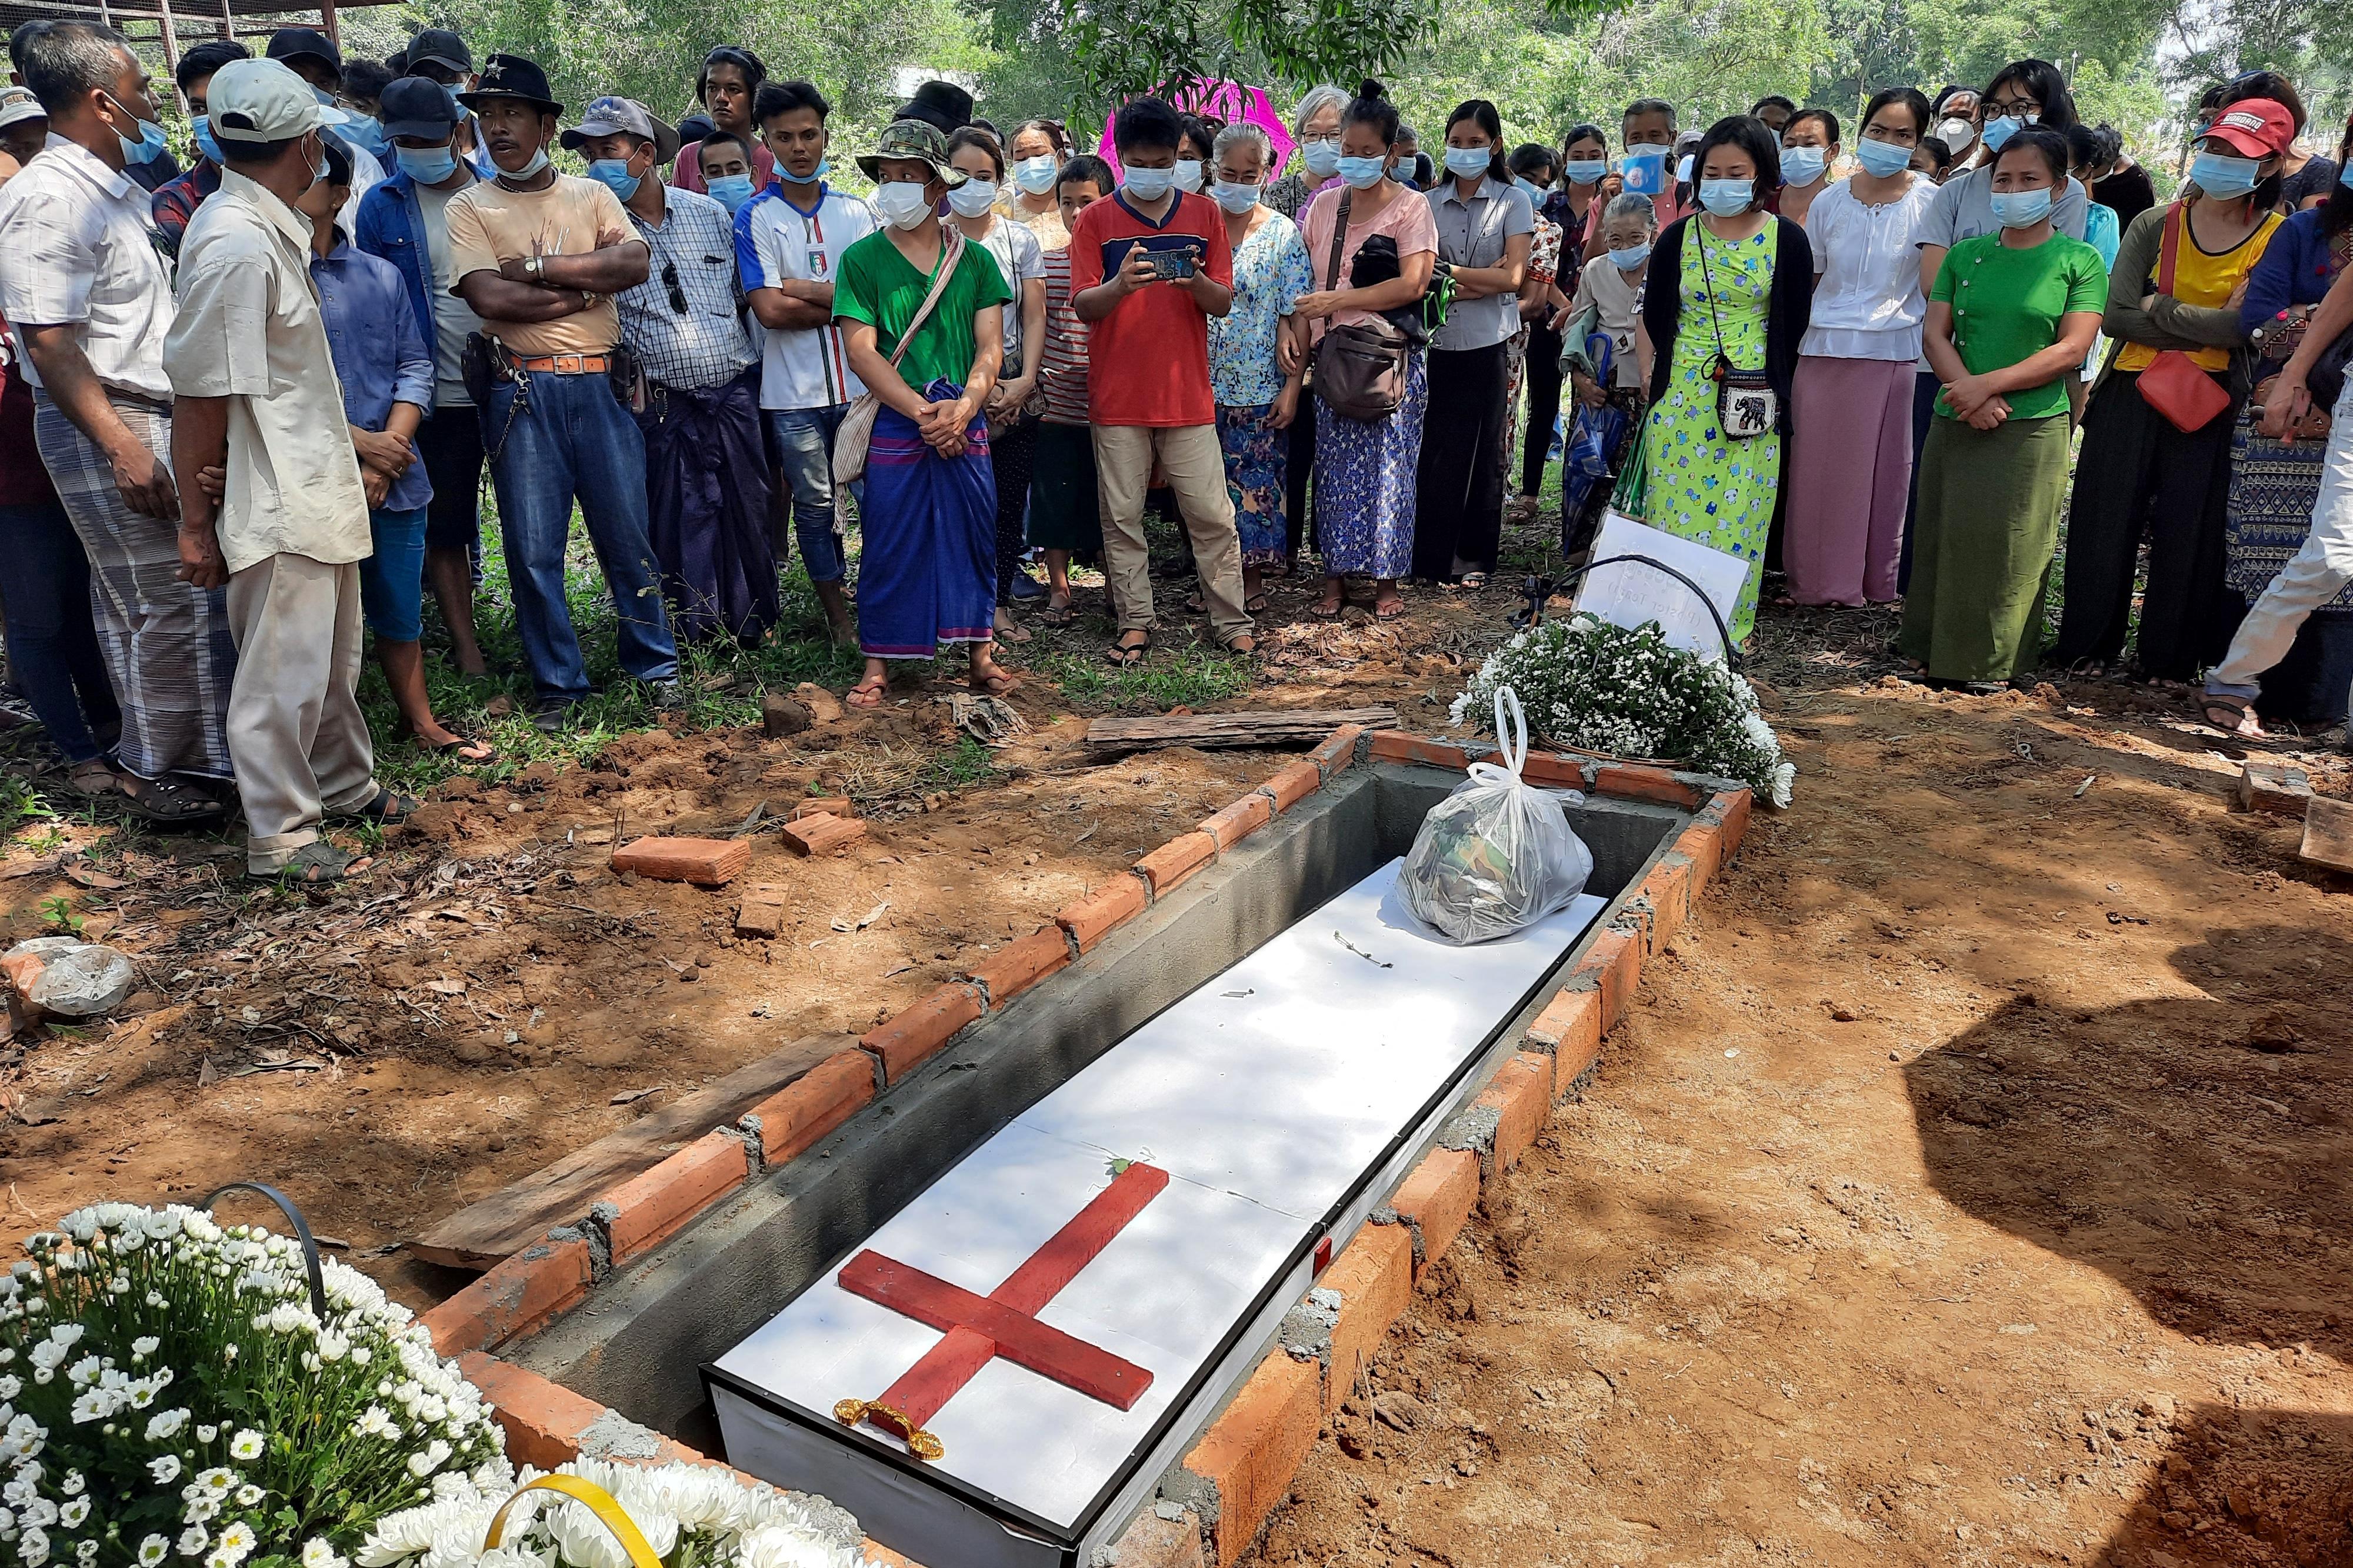 Mianmarban a hadsereg pénzt számol fel azoknak, akik vissza akarják kapni a tüntetések során elhunyt hozzátartozóik holttestét